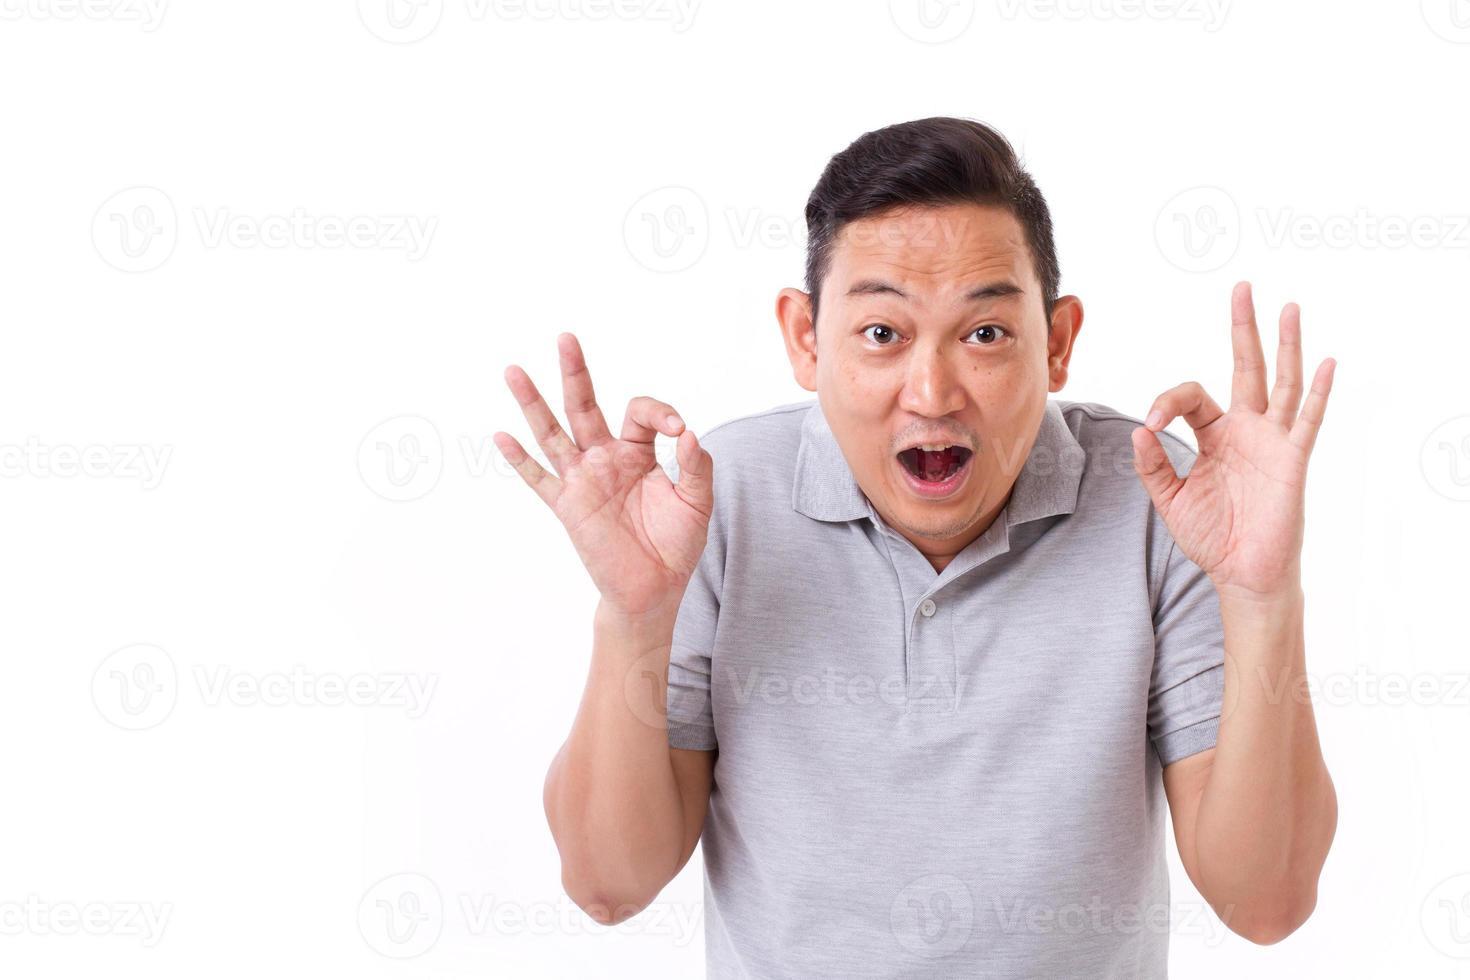 gelukkig, opgewonden man ok teken handgebaar te geven foto